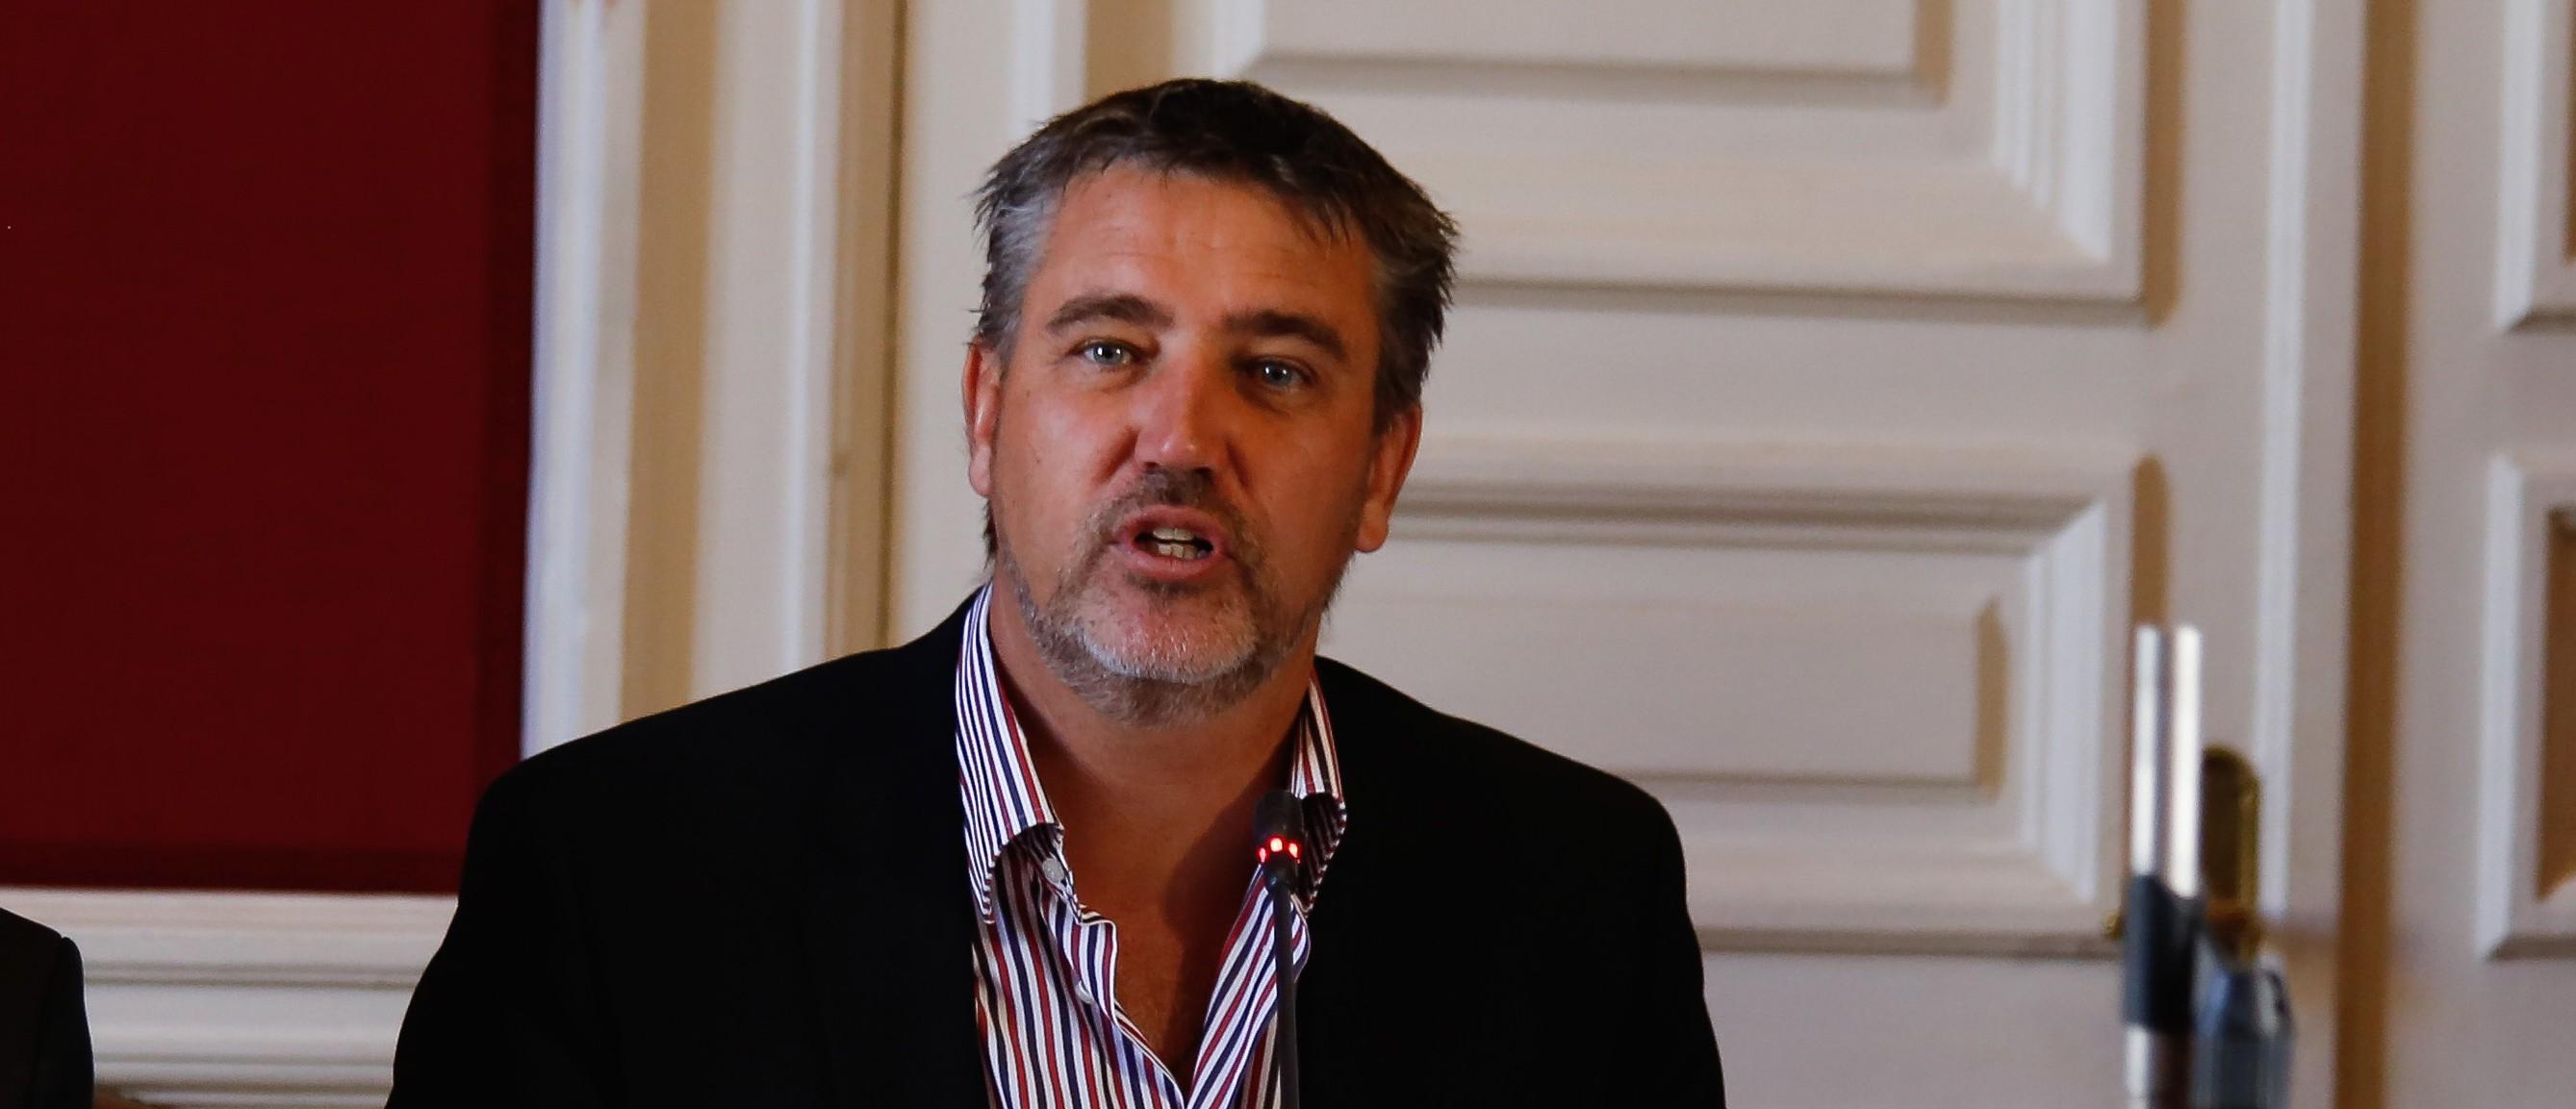 Fulvio Rossi  Francisco Flores  Agencia UNO